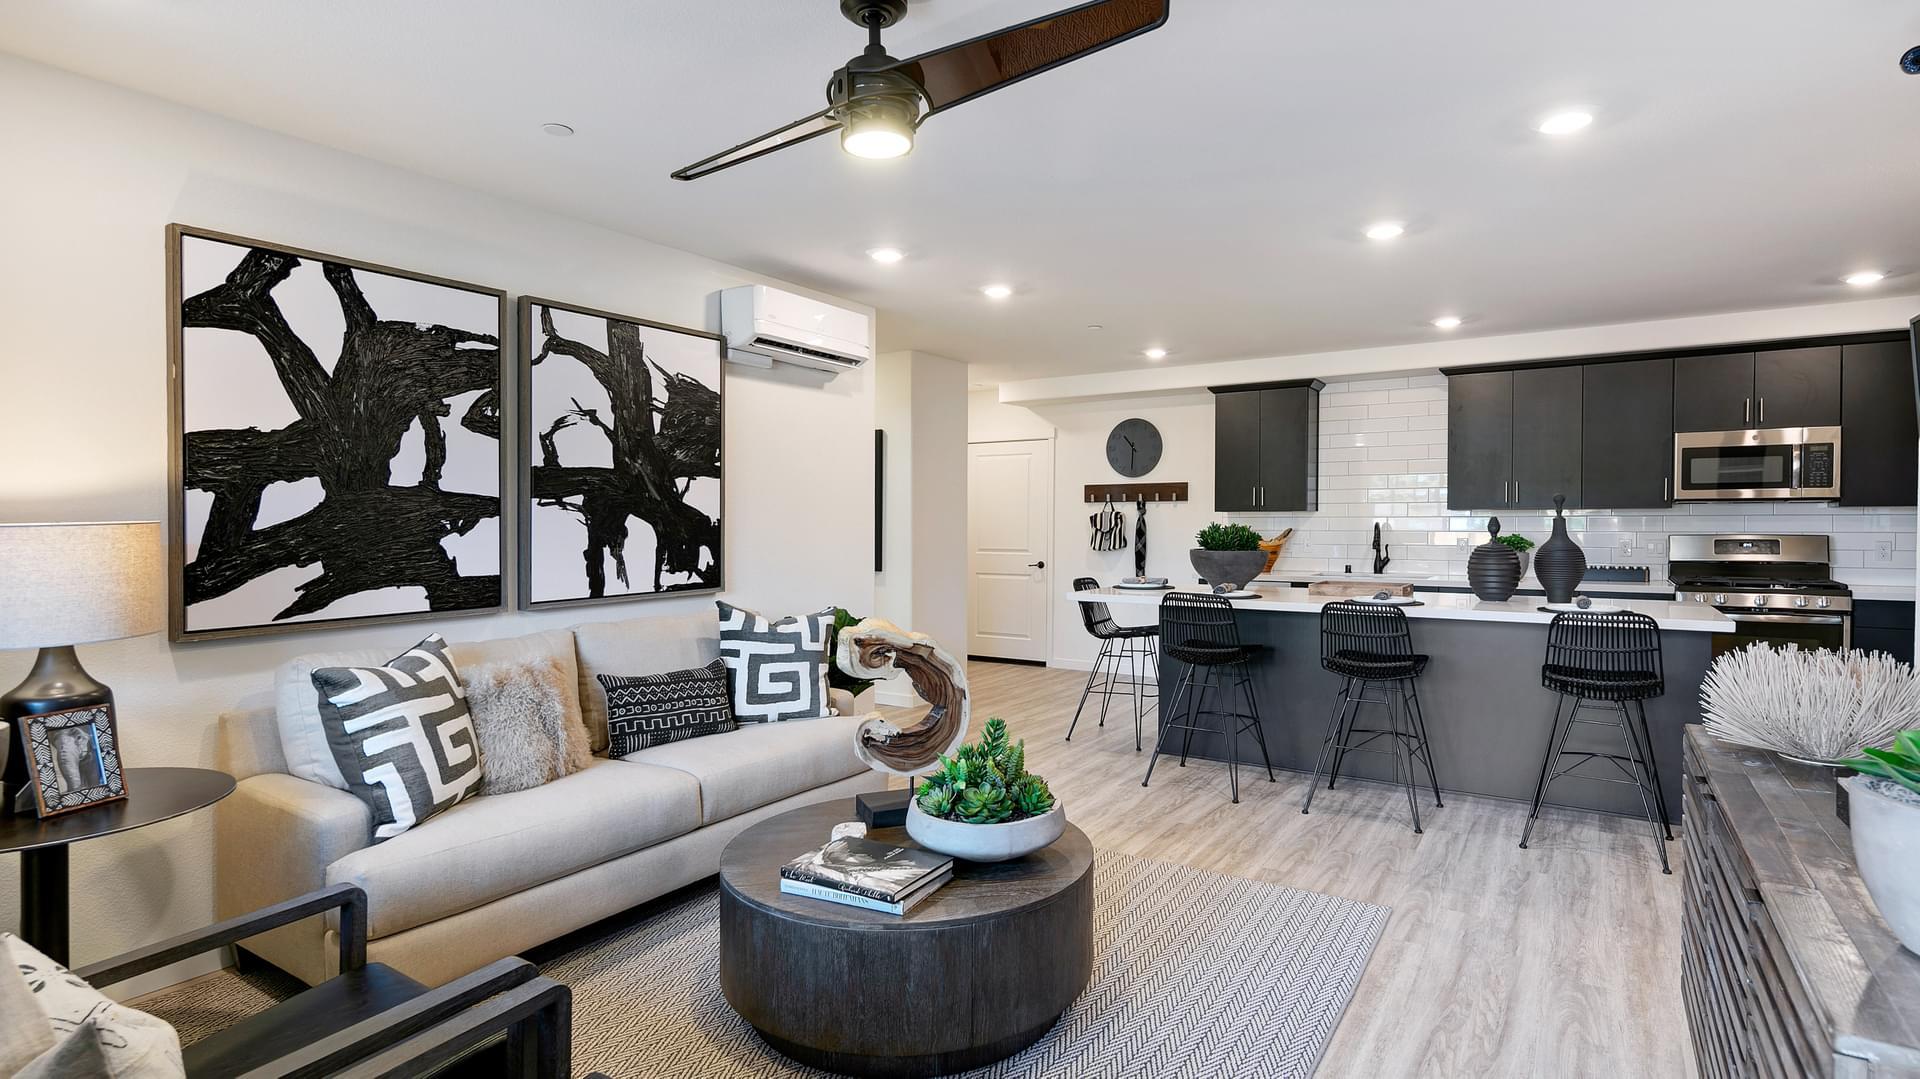 Residence 2 Living Room & Kitchen